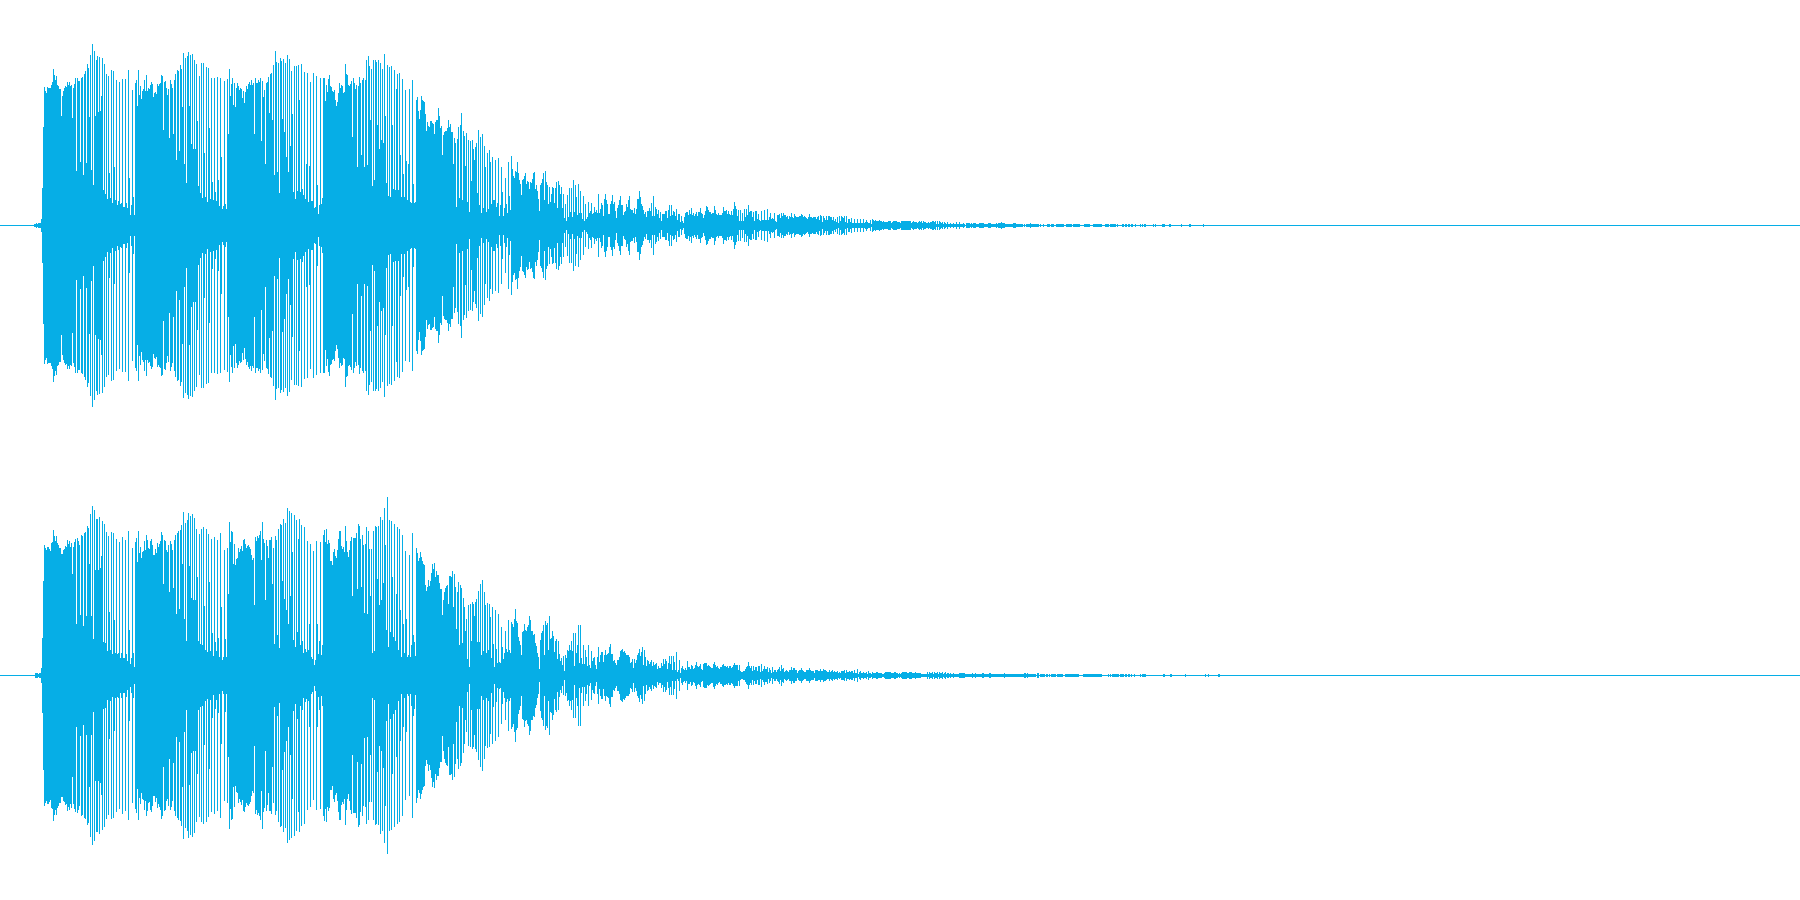 レーザー音 ビビビビーンの再生済みの波形